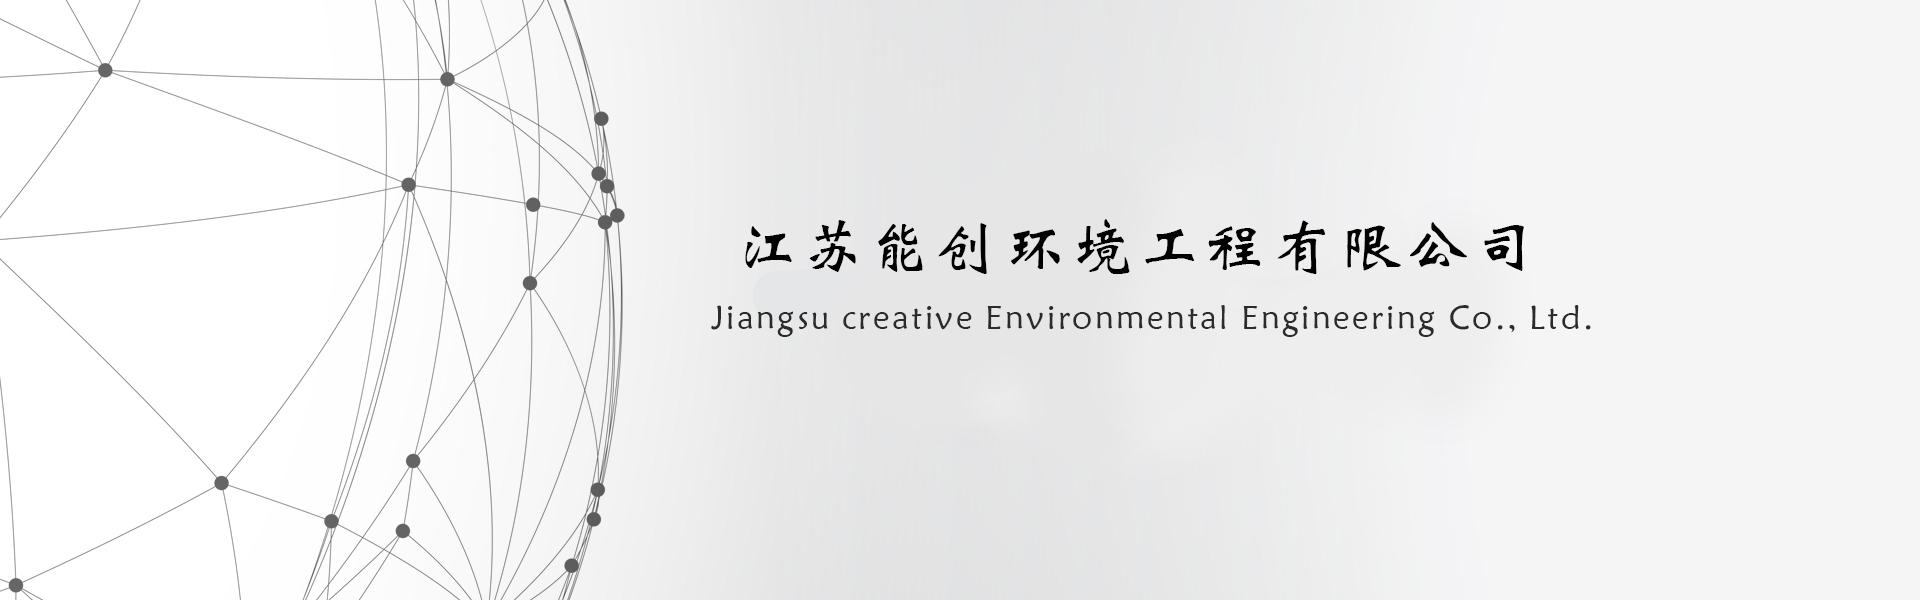 崇川建筑工程